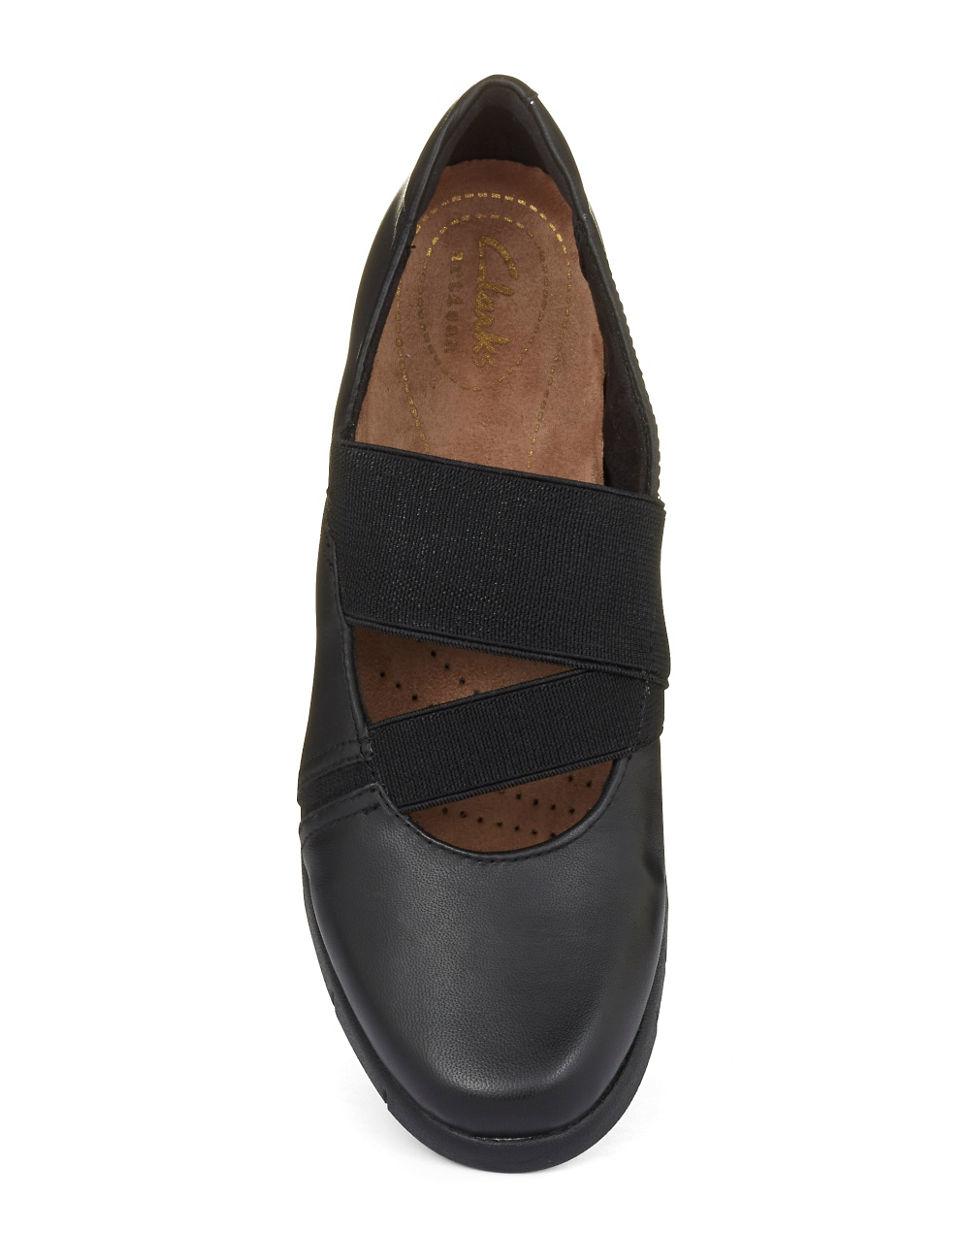 Clarks Shoes Black Frida